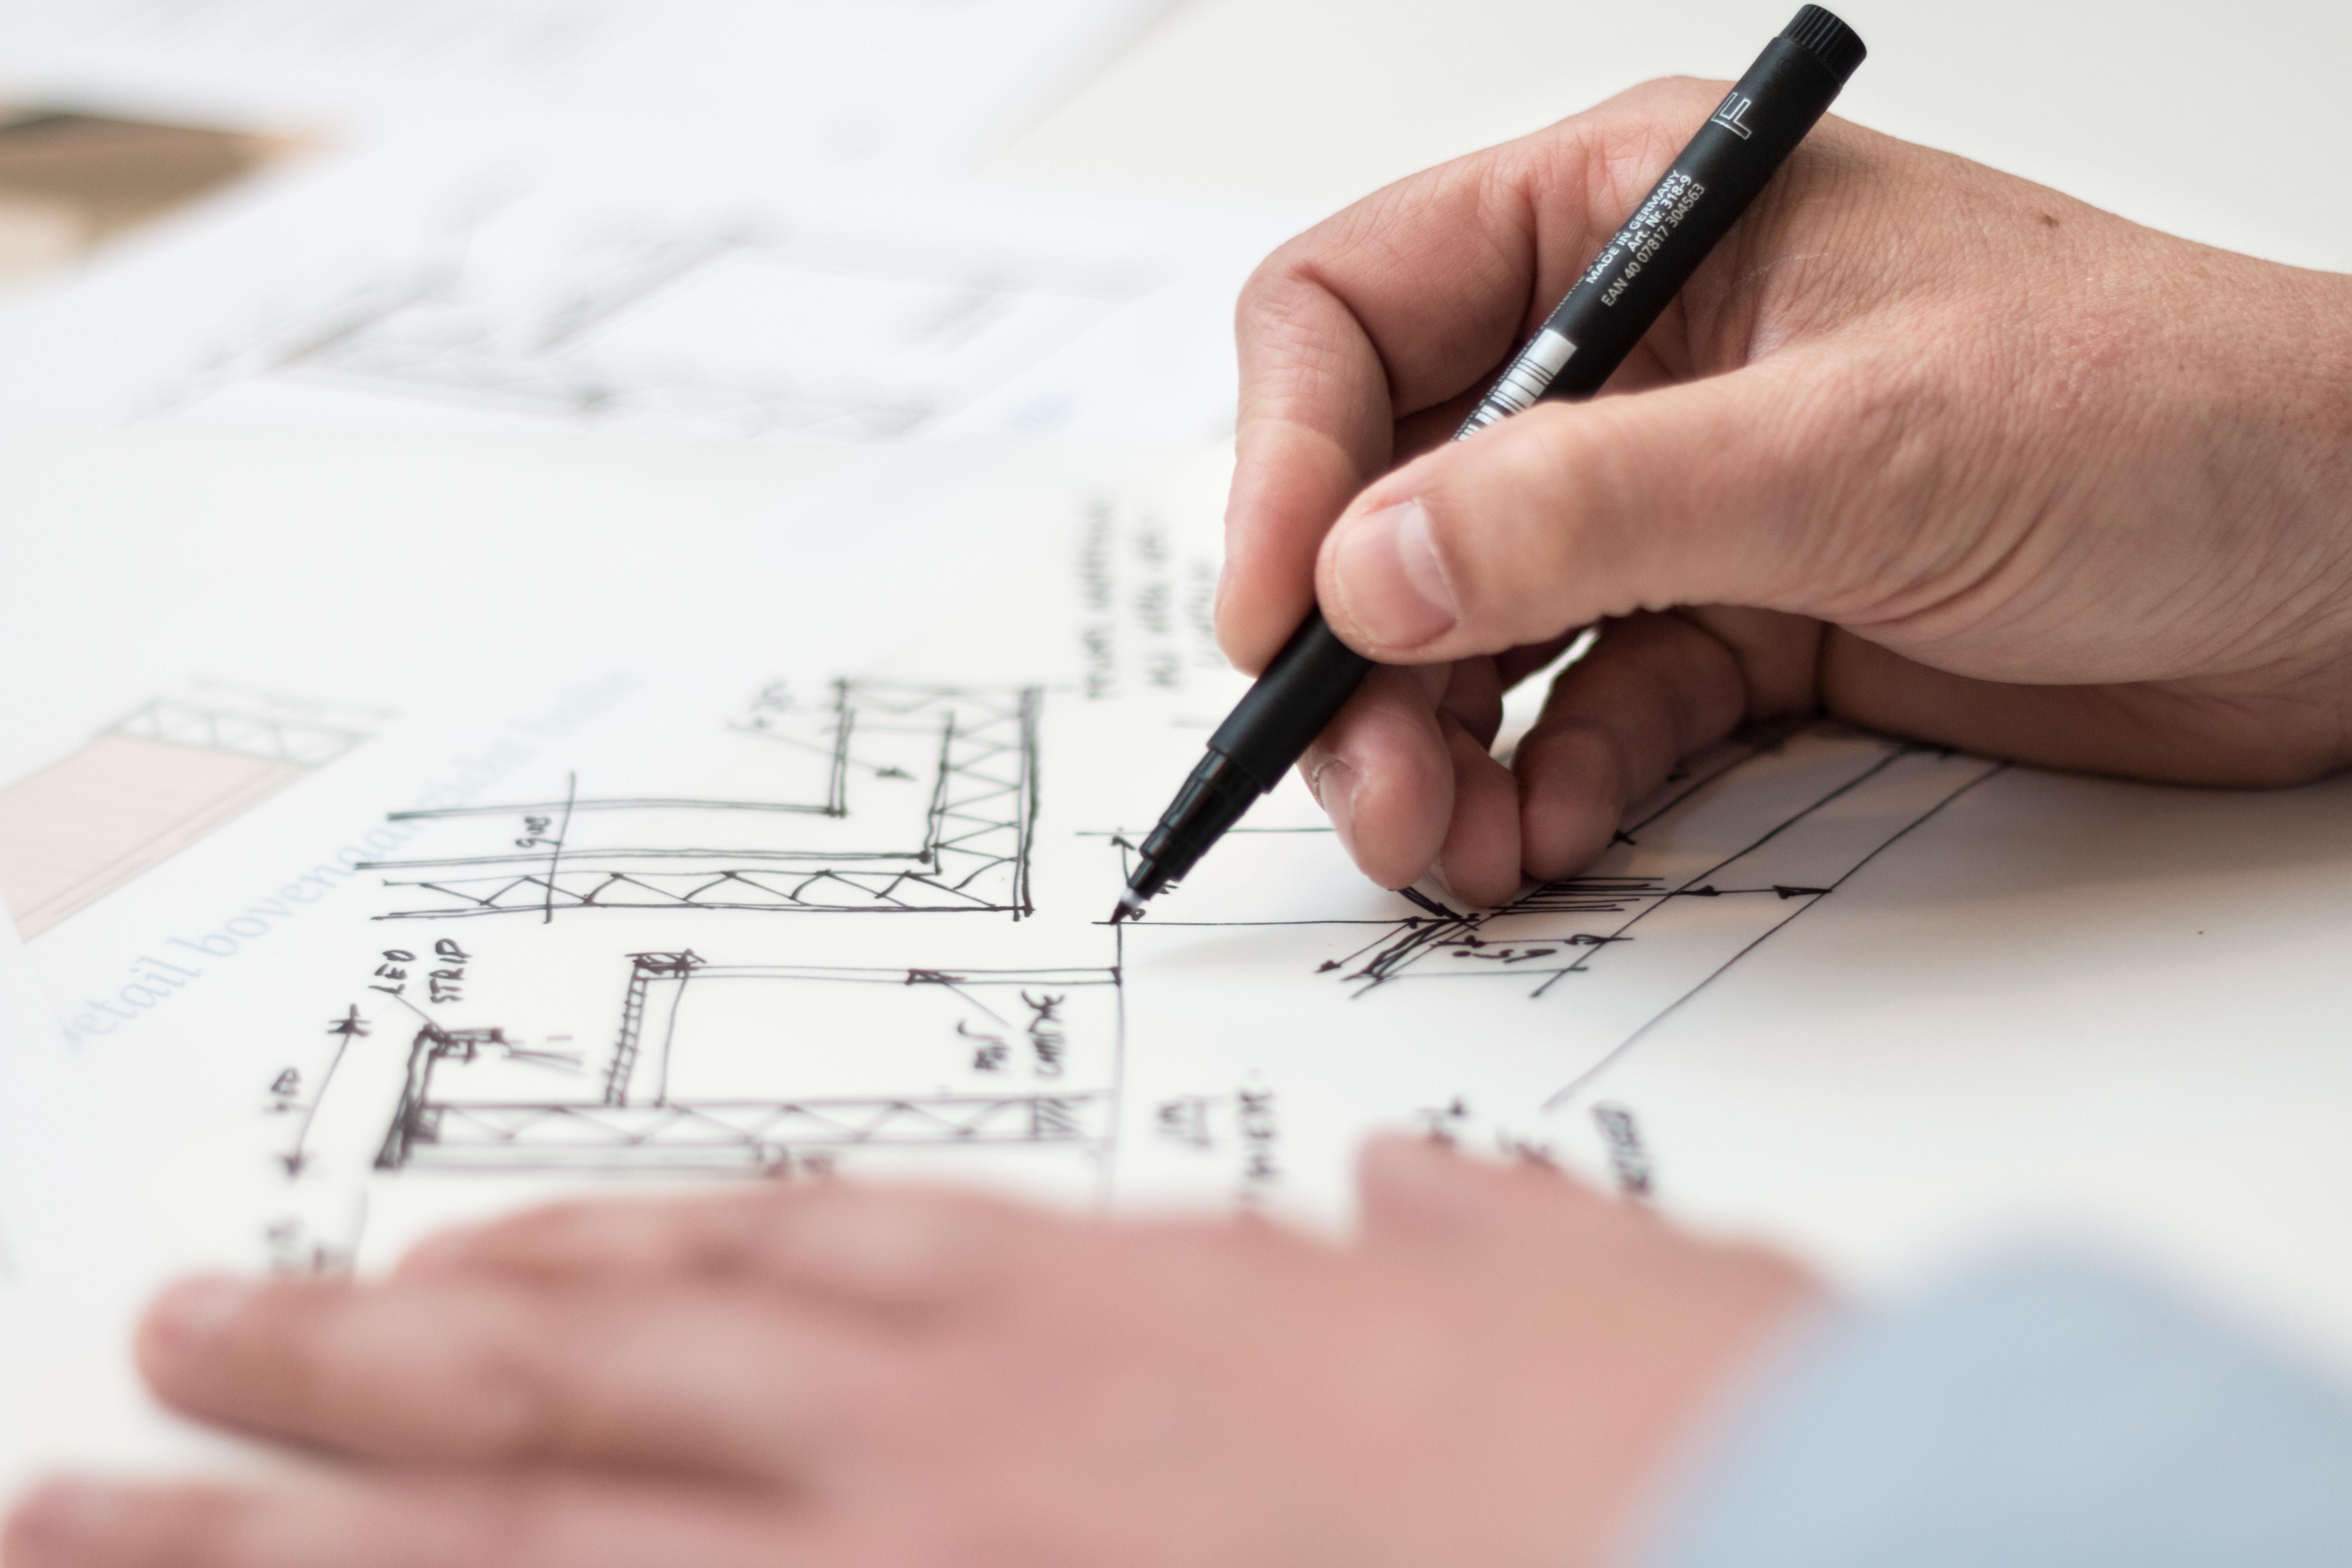 zdjęcie do W artykule przedstawiamy jaki wpływ na odbiór techniczny lokalu ma uzyskanie pozwolenia na użytkowanie budynku. Czy możliwy jest odbiór techniczny przed pozwoleniem na użytkowanie budynku?